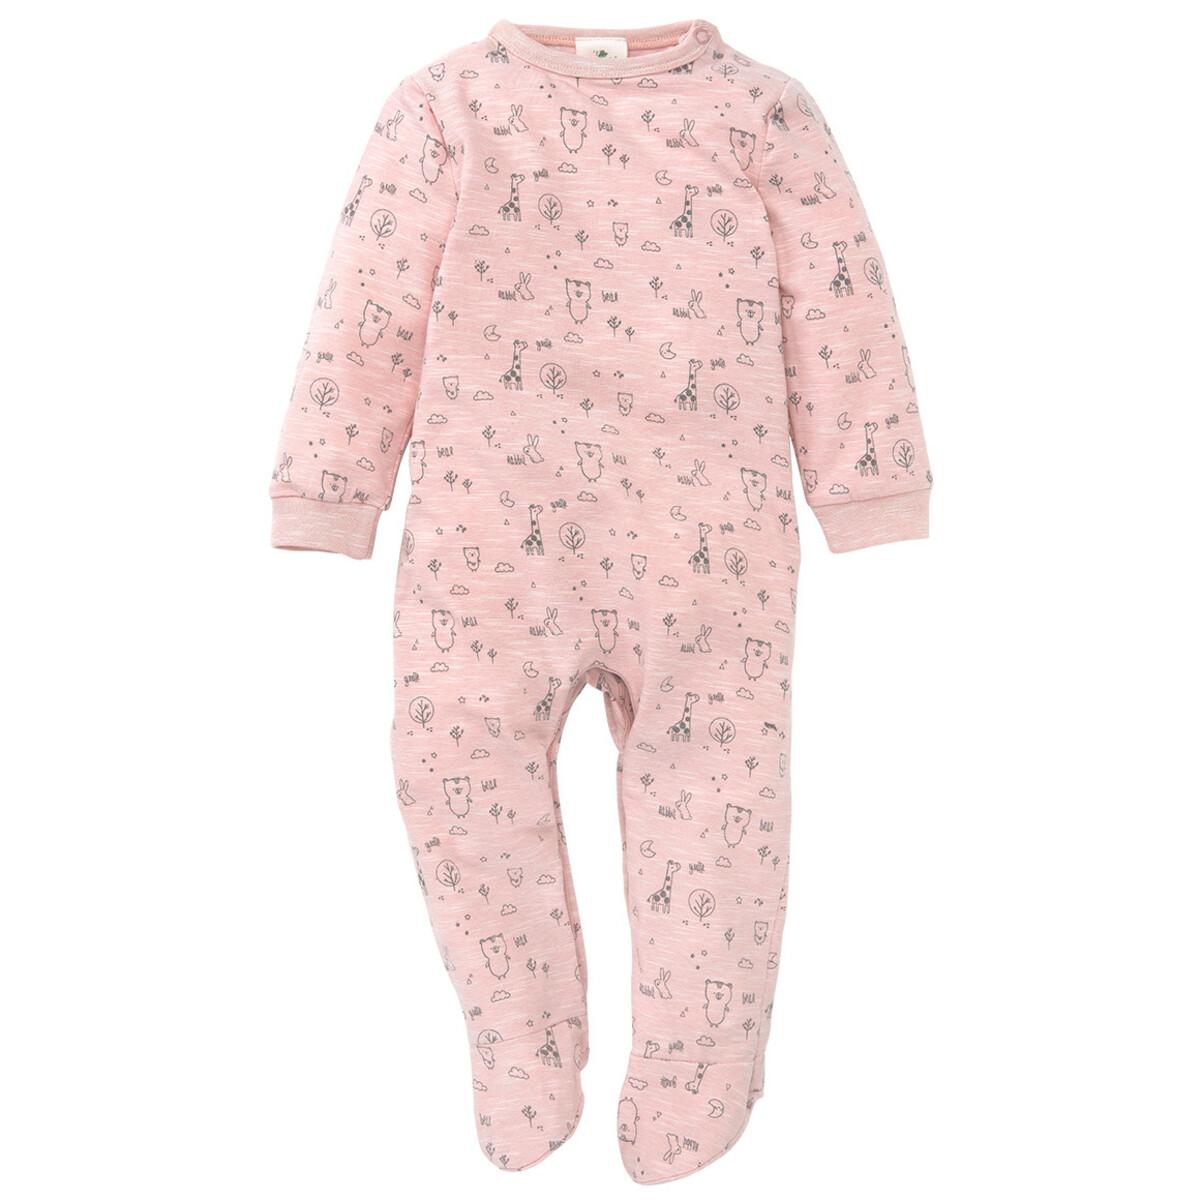 Bild 1 von Newborn Schlafanzug mit Tier-Motiven